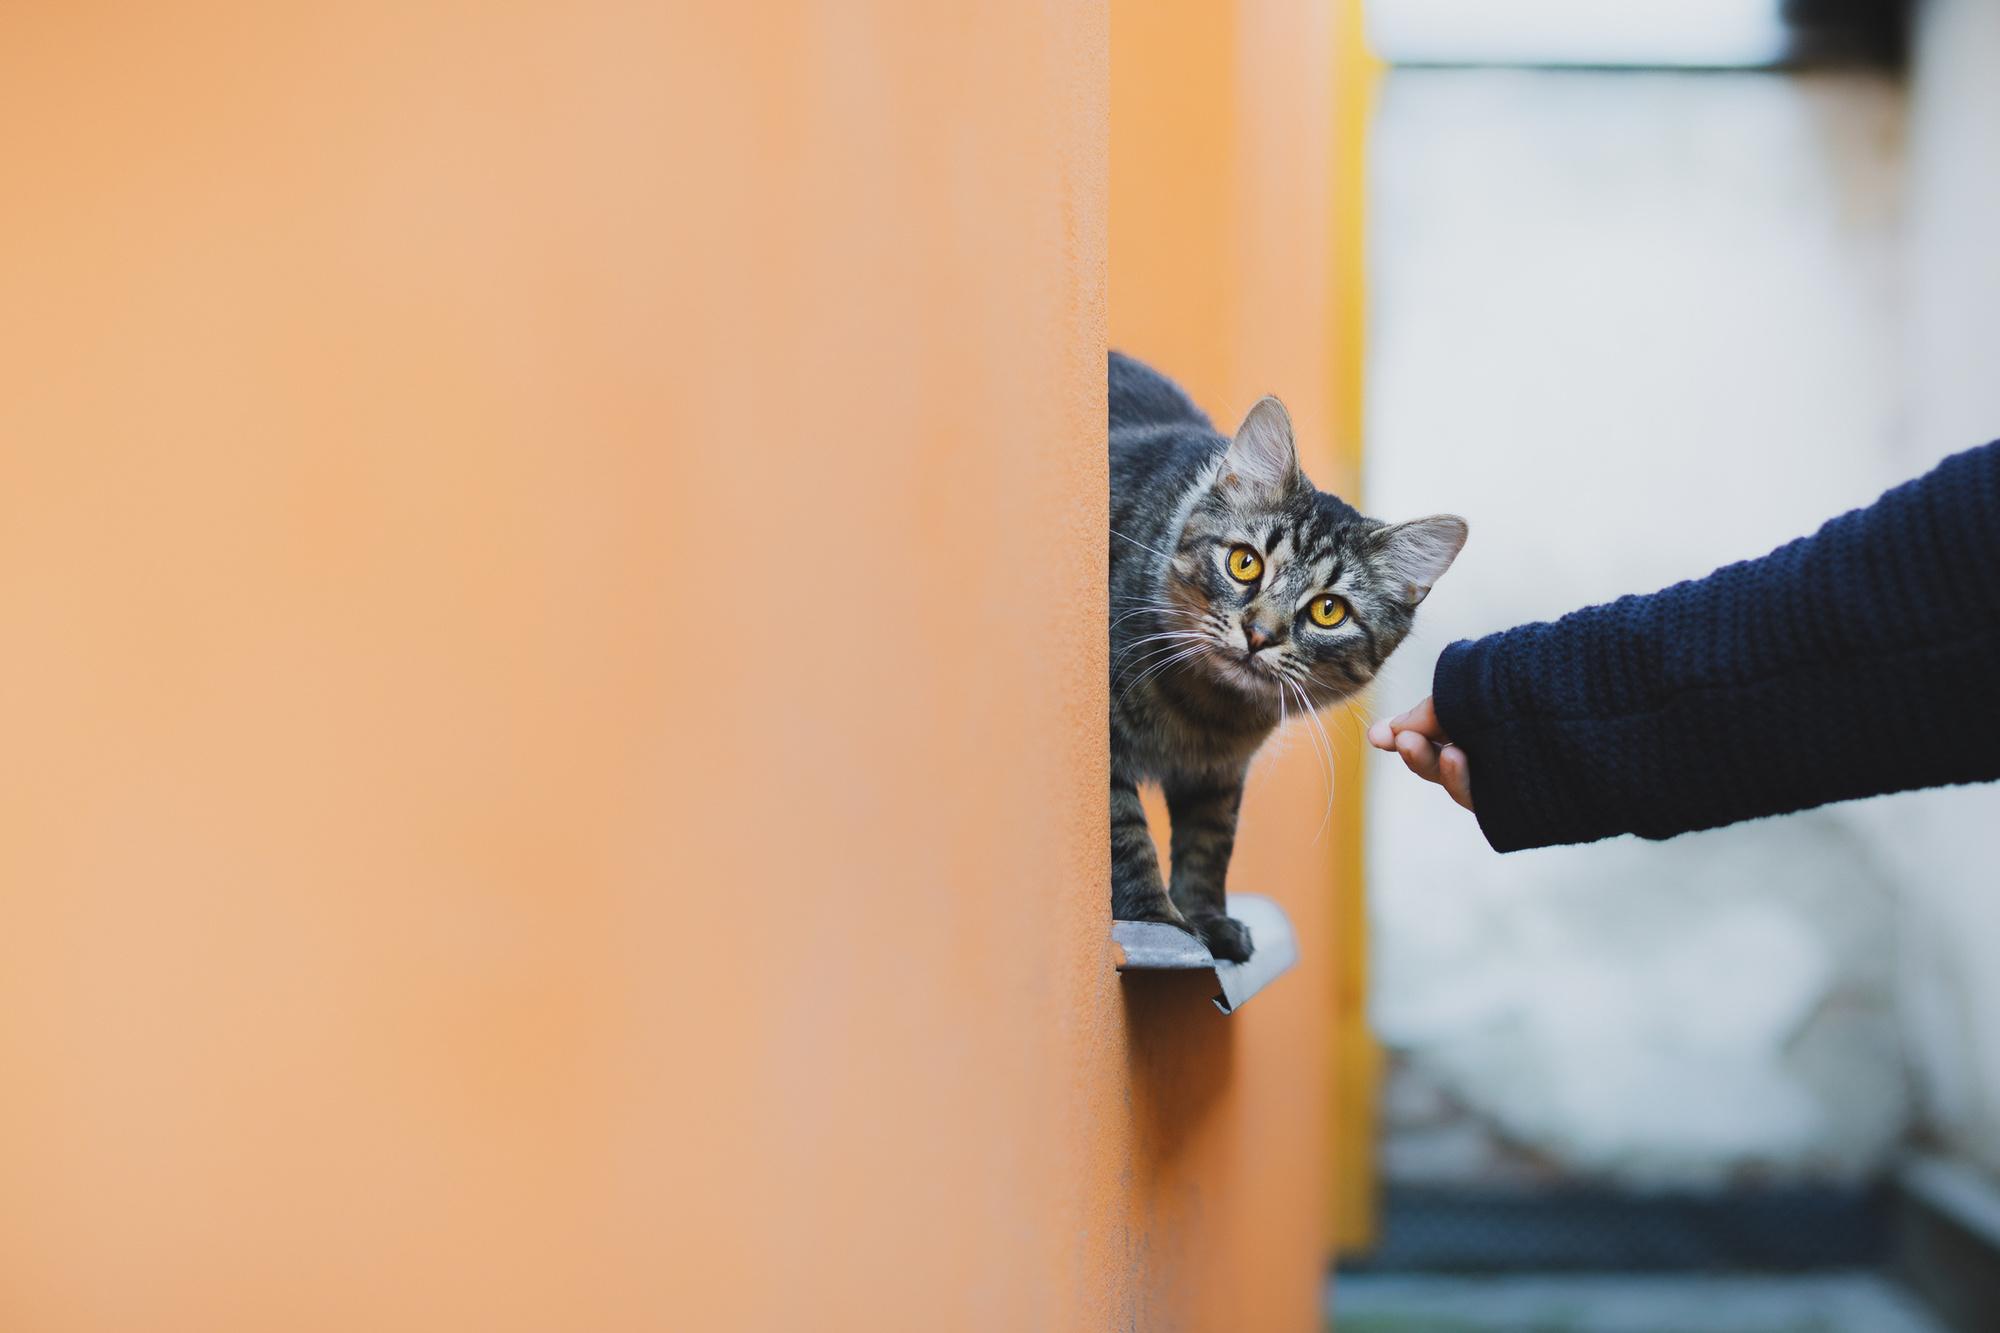 De aanwezigheid van de kat in menselijke omgevingen komt onder druk te staan, Getty